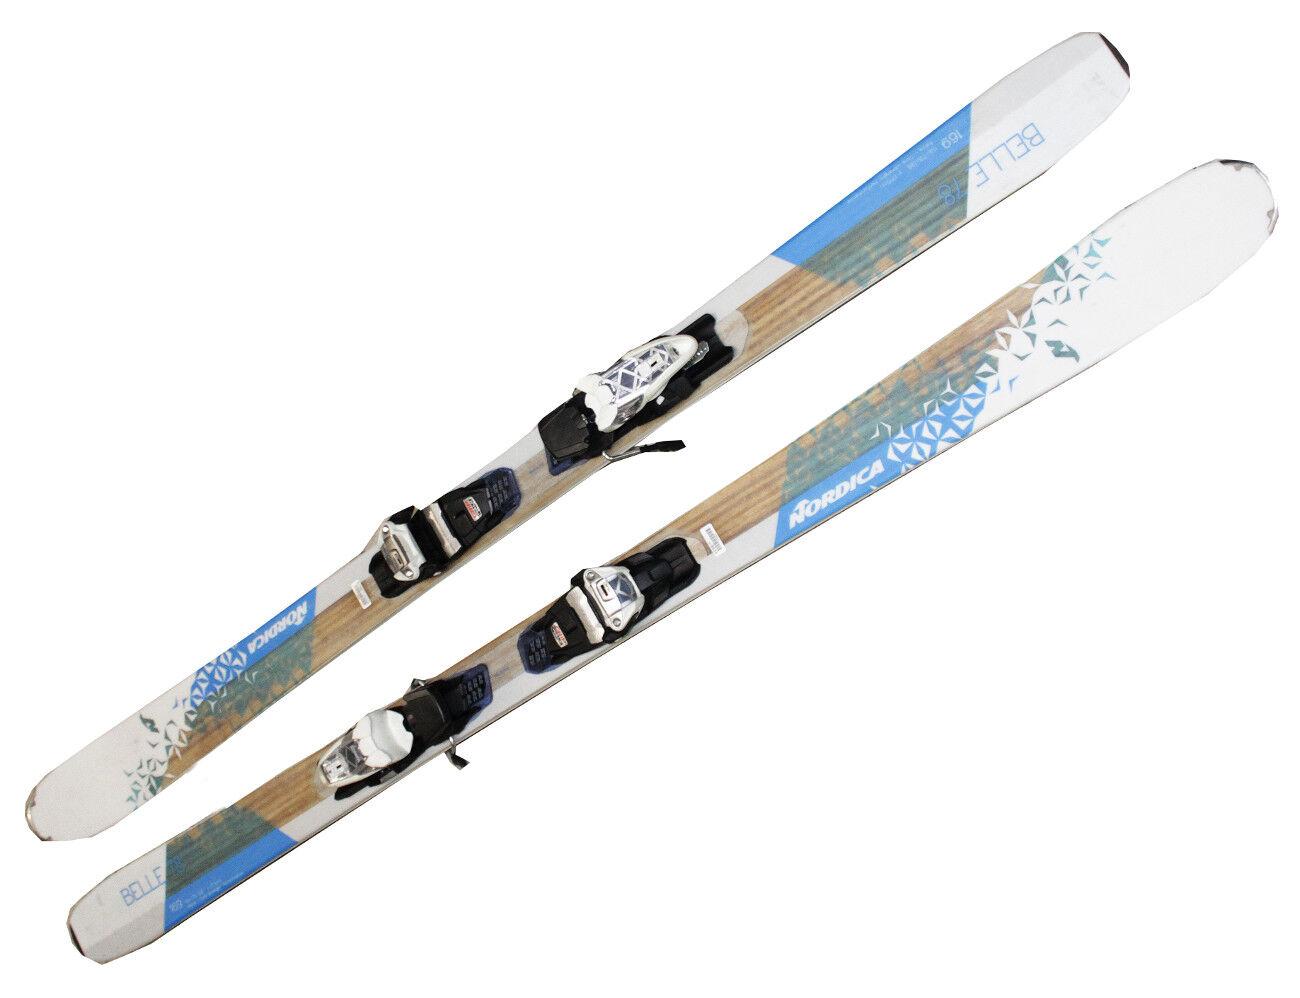 Esquí Nordica Belle 78 Testski 169cm Mujer 16 17 Fijación Marcador blancoo Azul